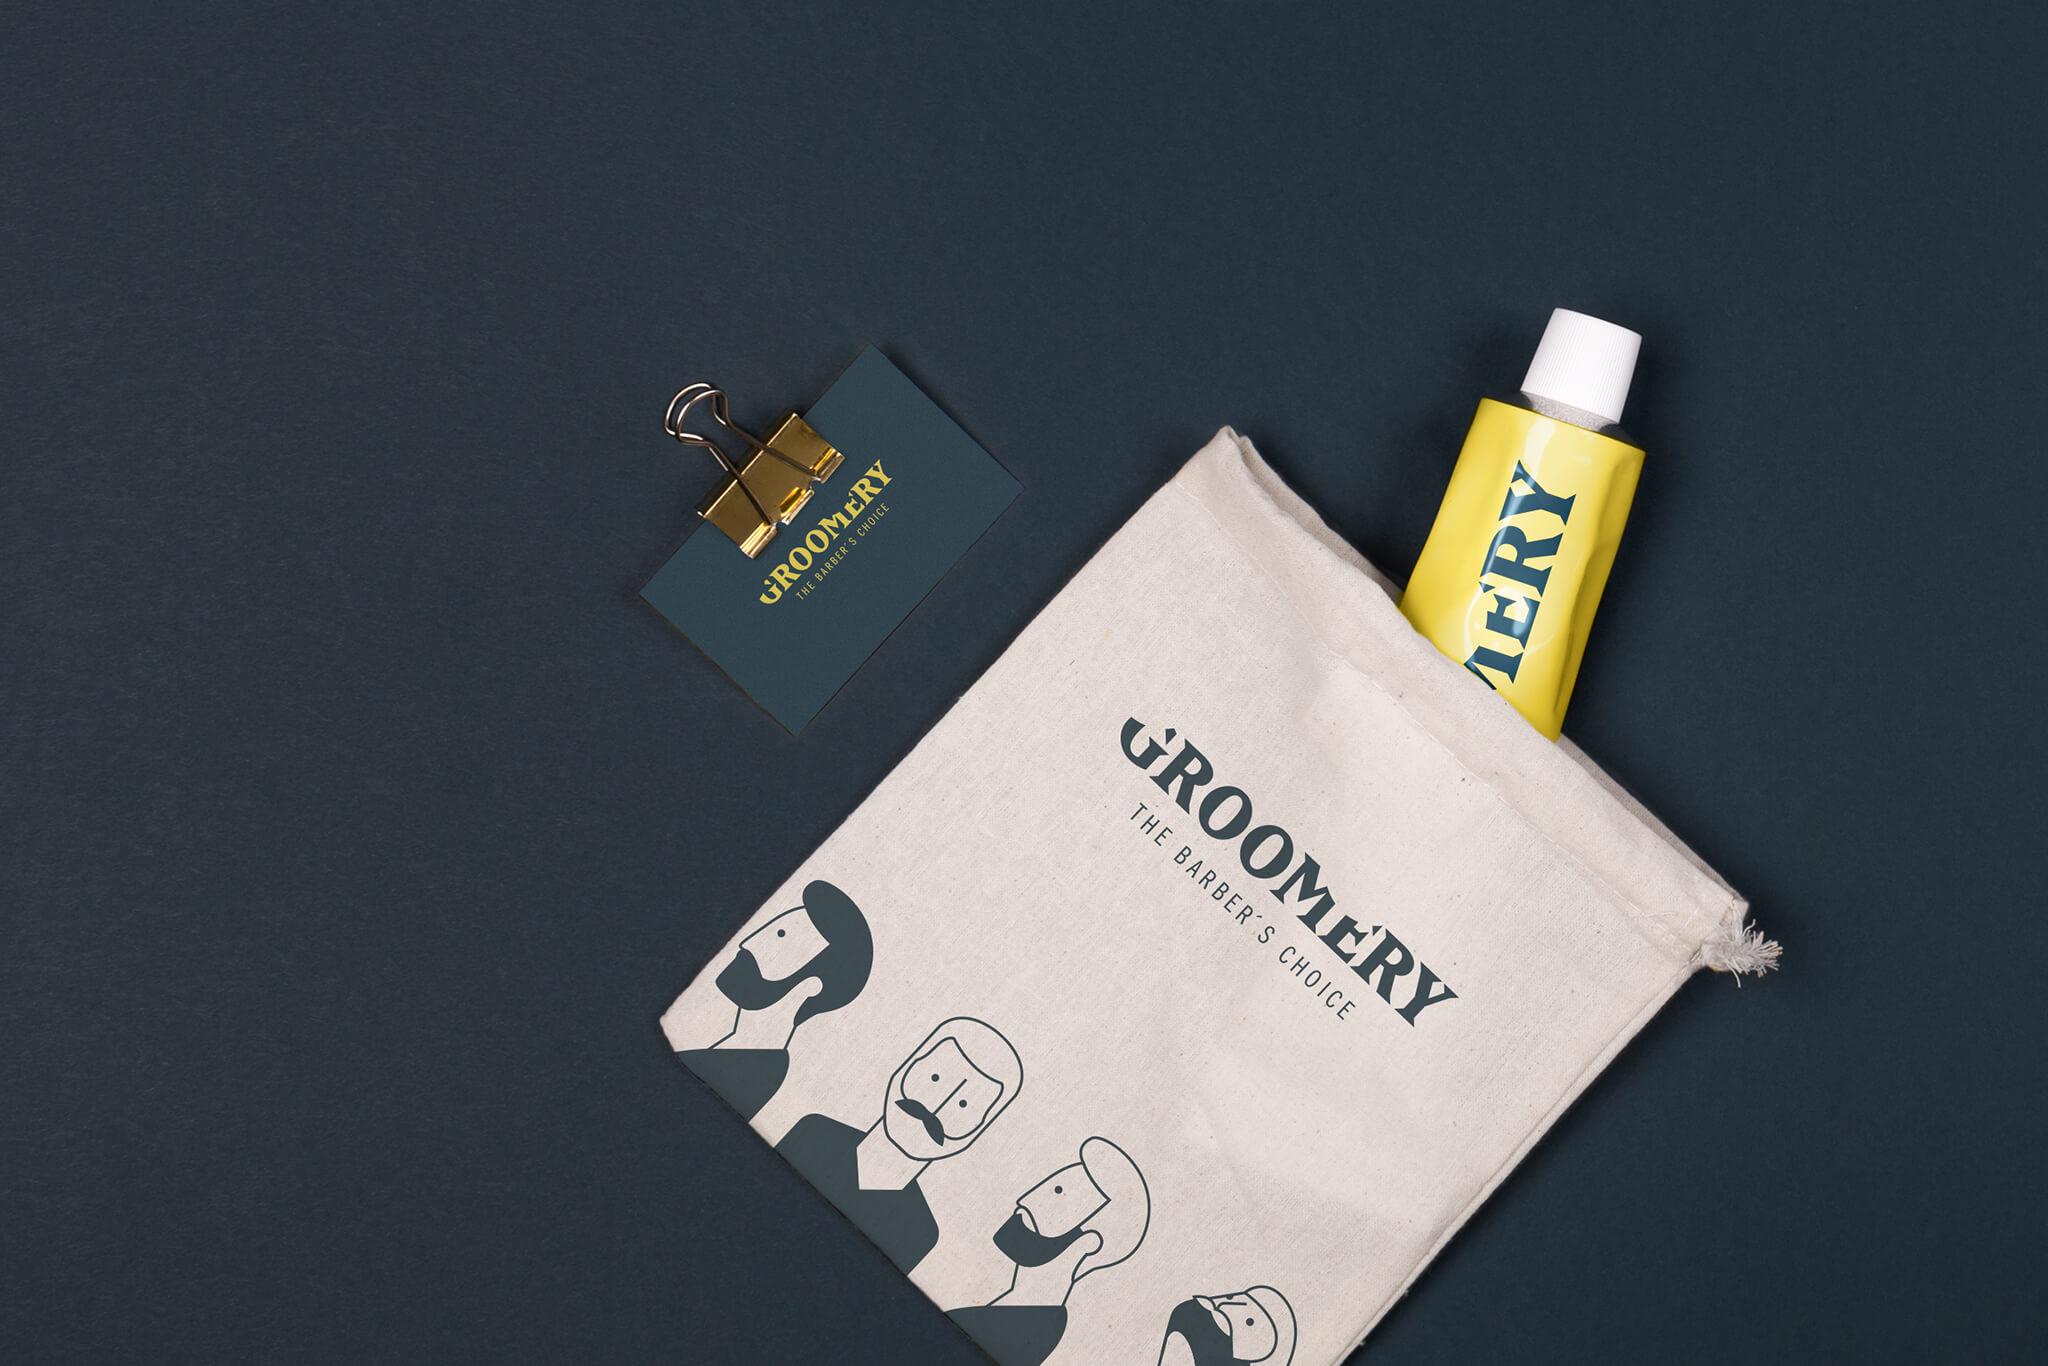 Groomery-branding-packaging-1_k